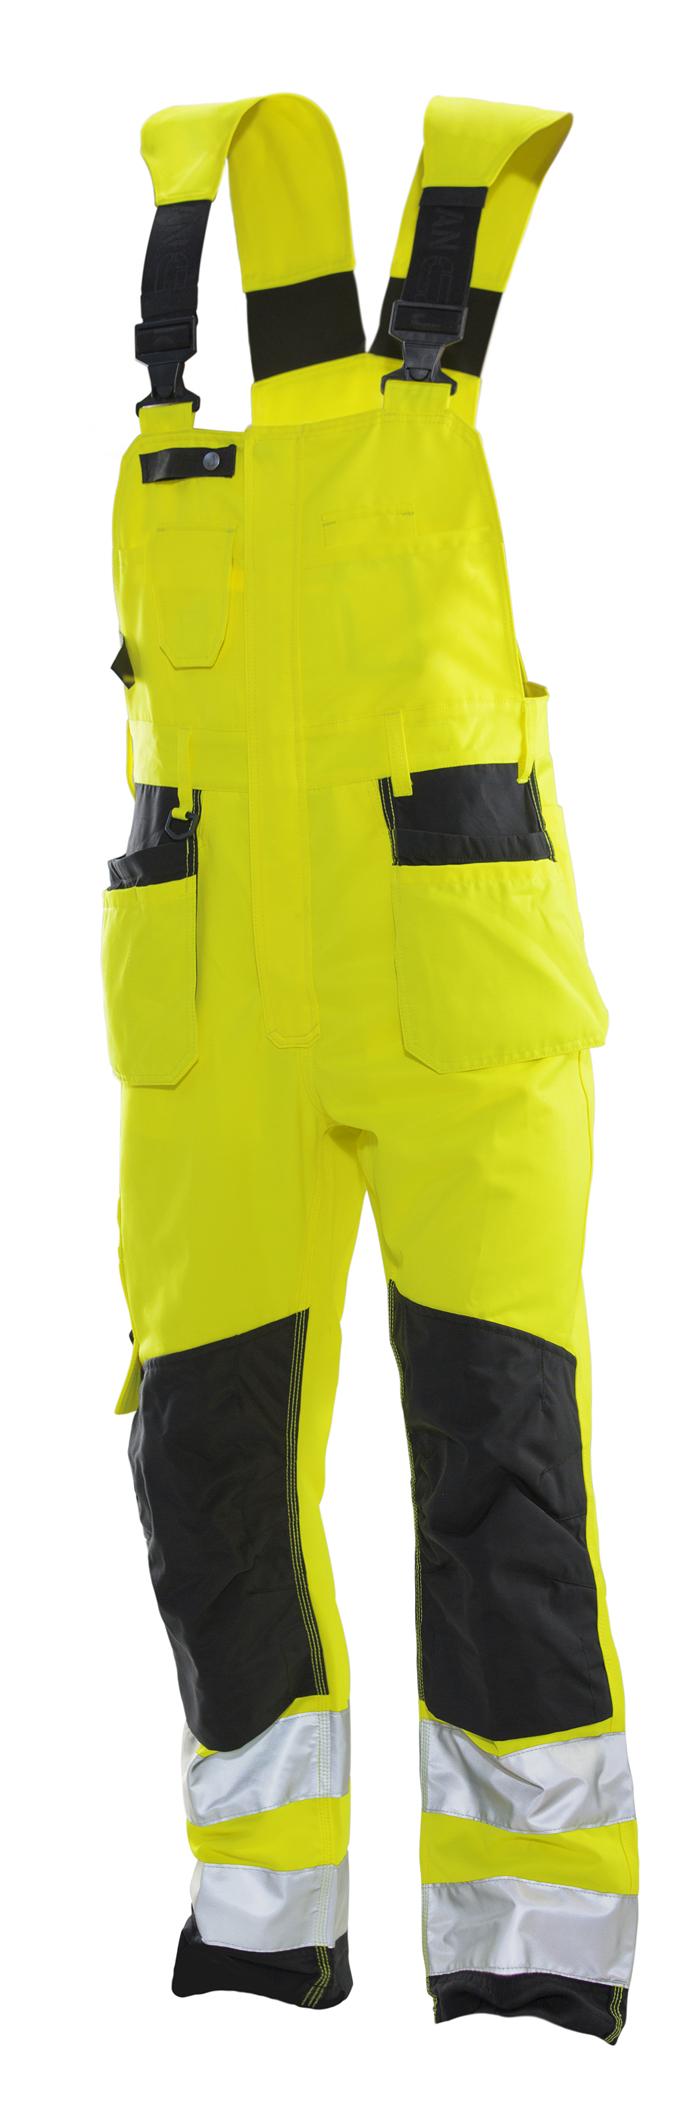 3231 Salopette Hi-Vis C148 jaune/noir